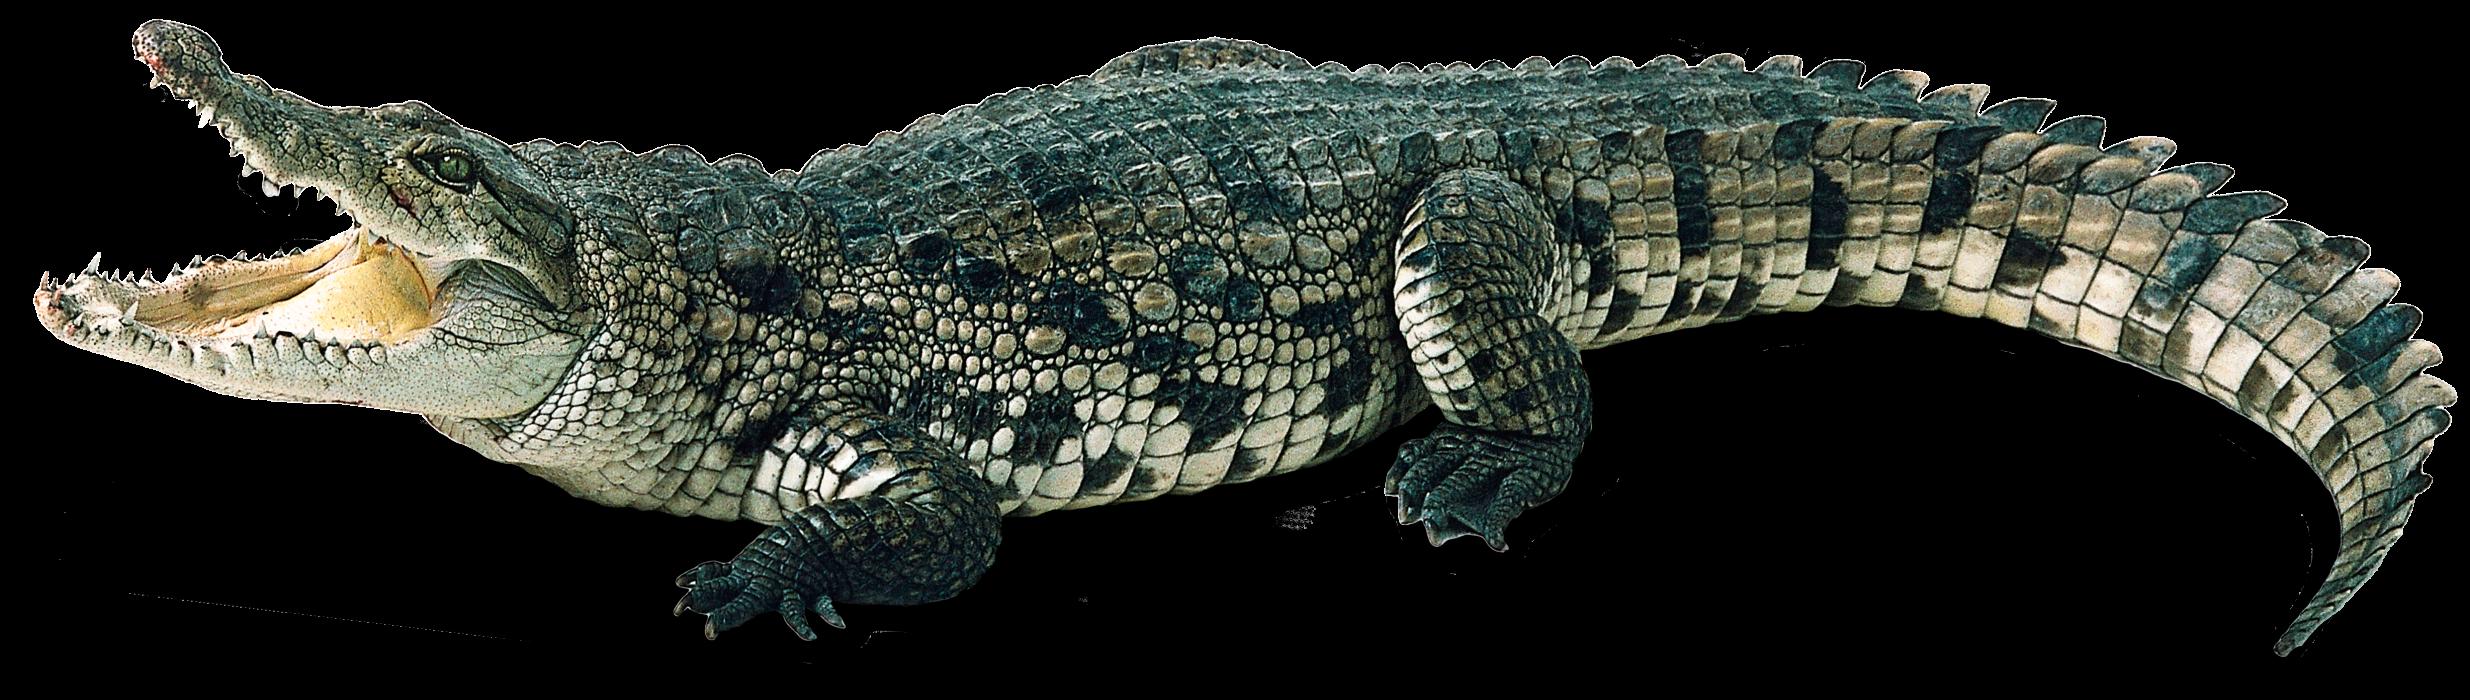 Alligator Background PNG SVG Clip arts